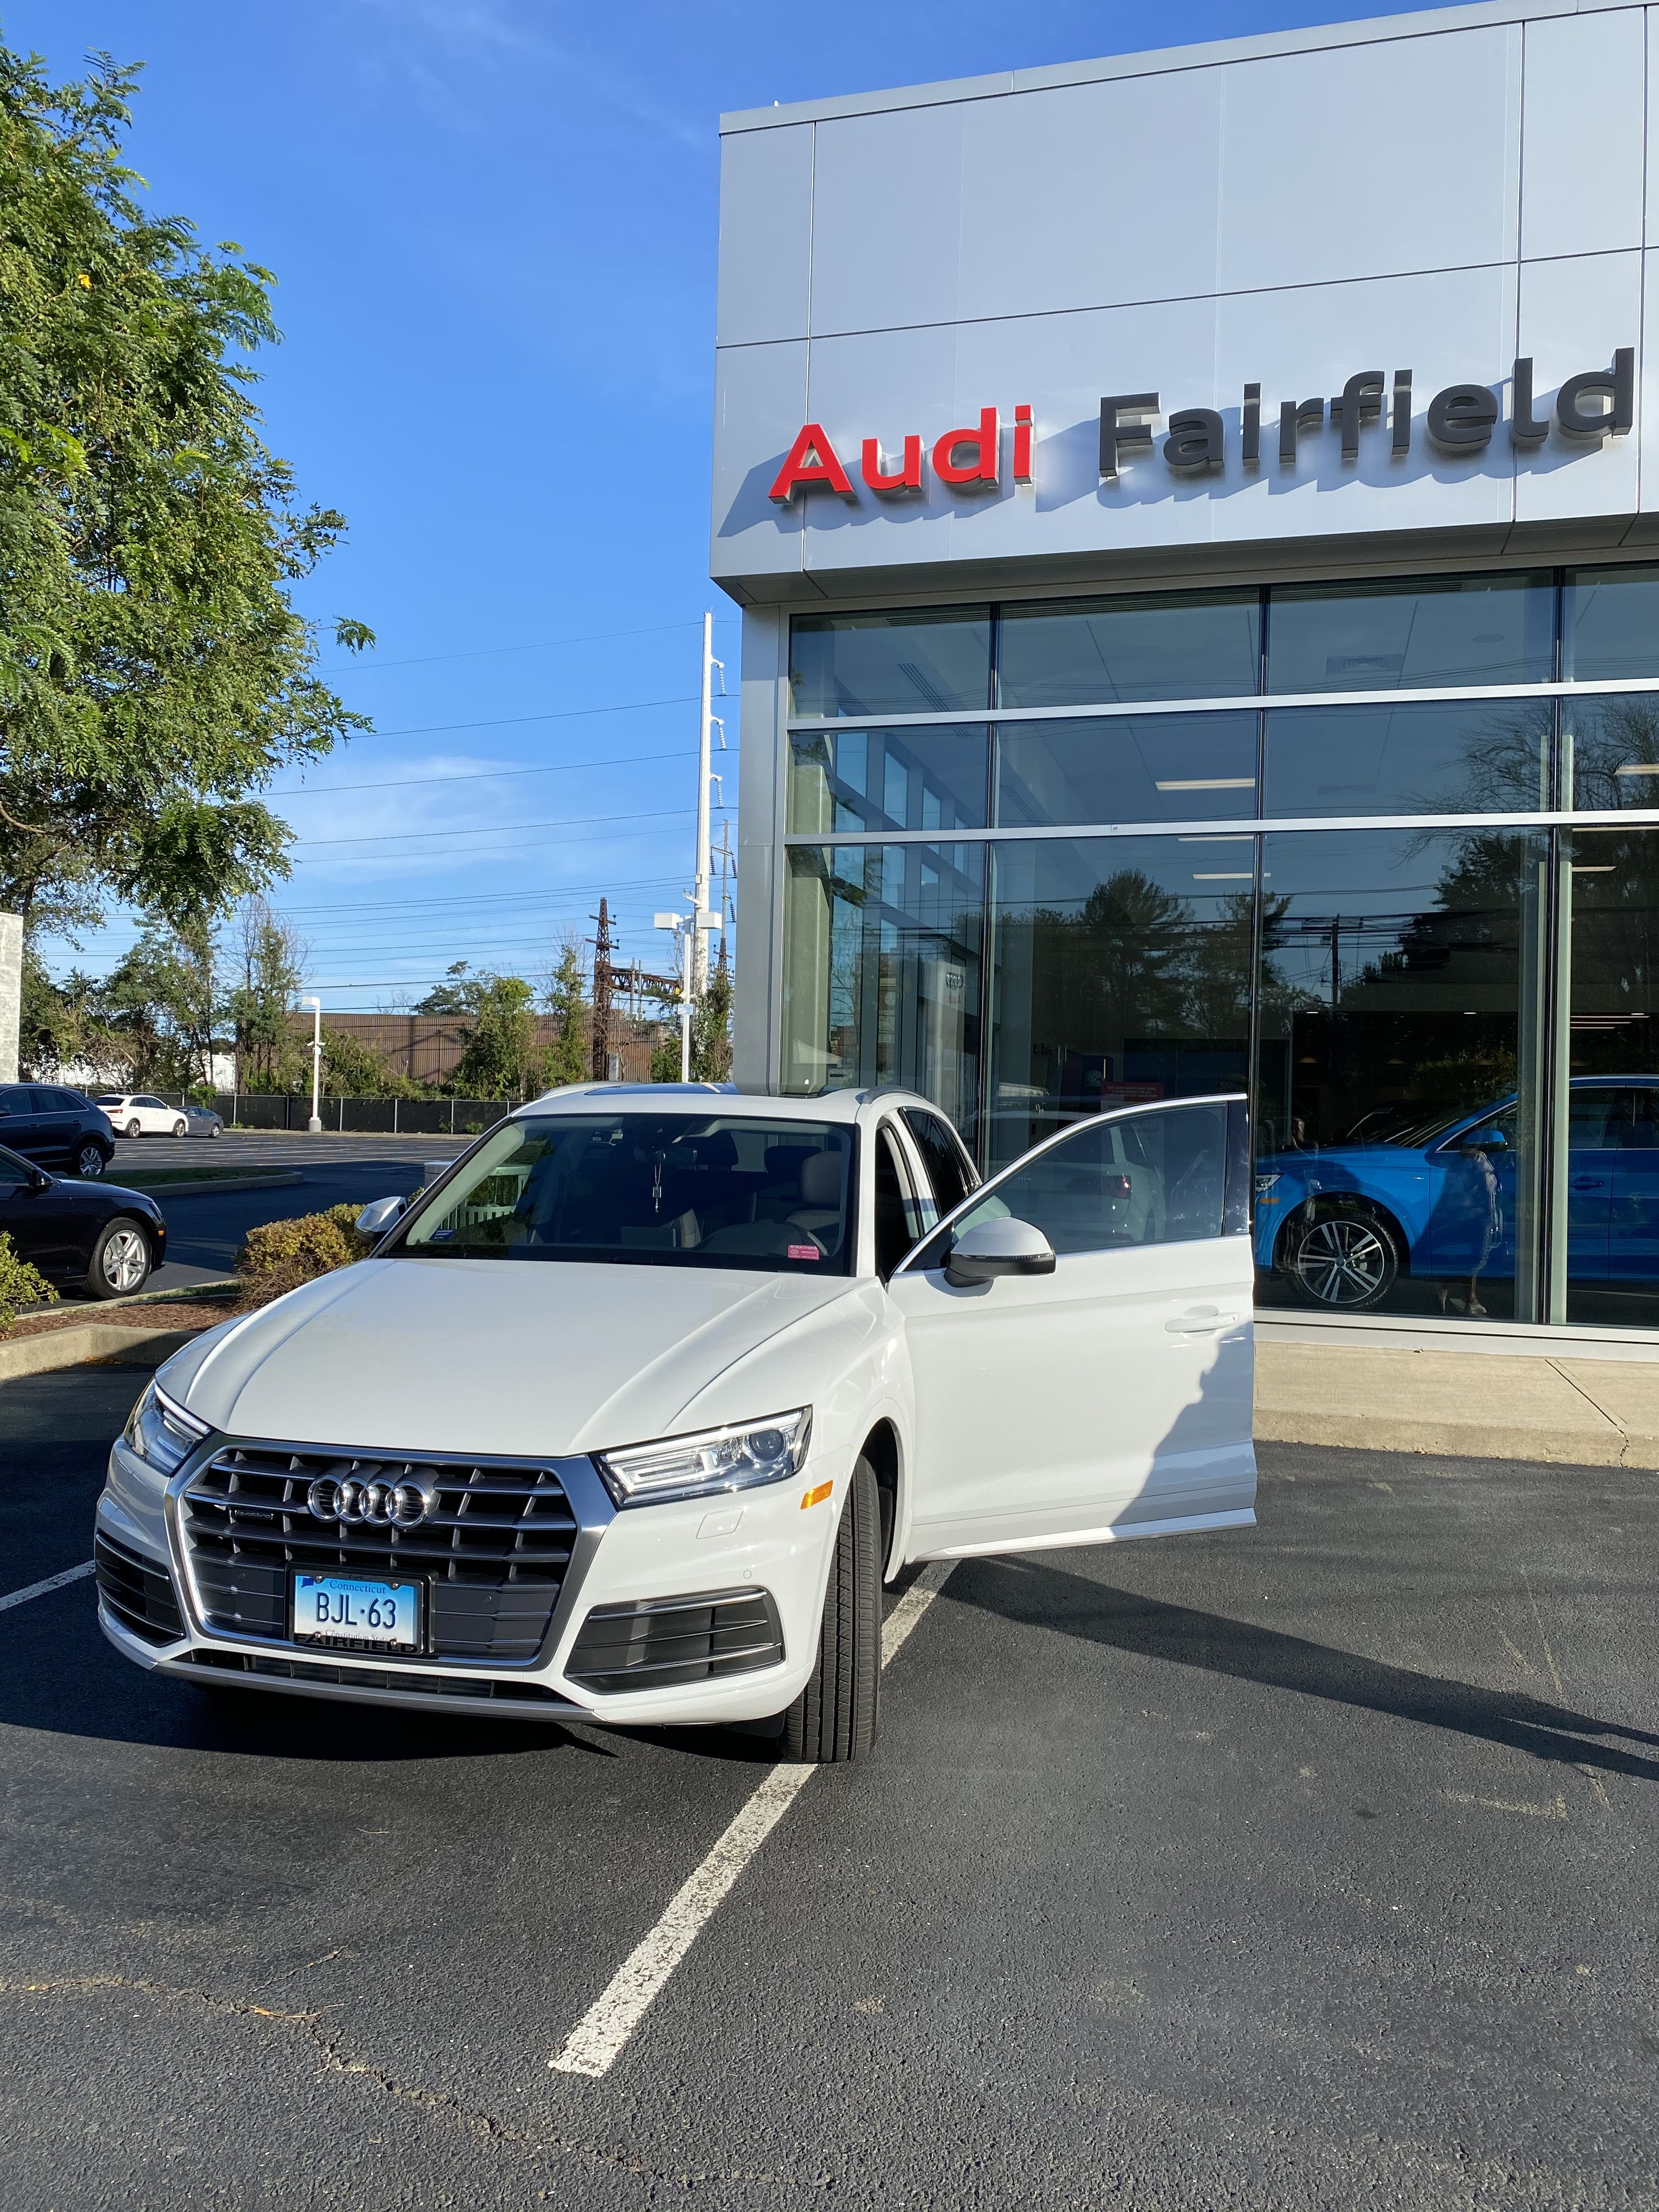 Pin By Barbara Lenches On Fun Stuff Bmw Audi Bmw Car